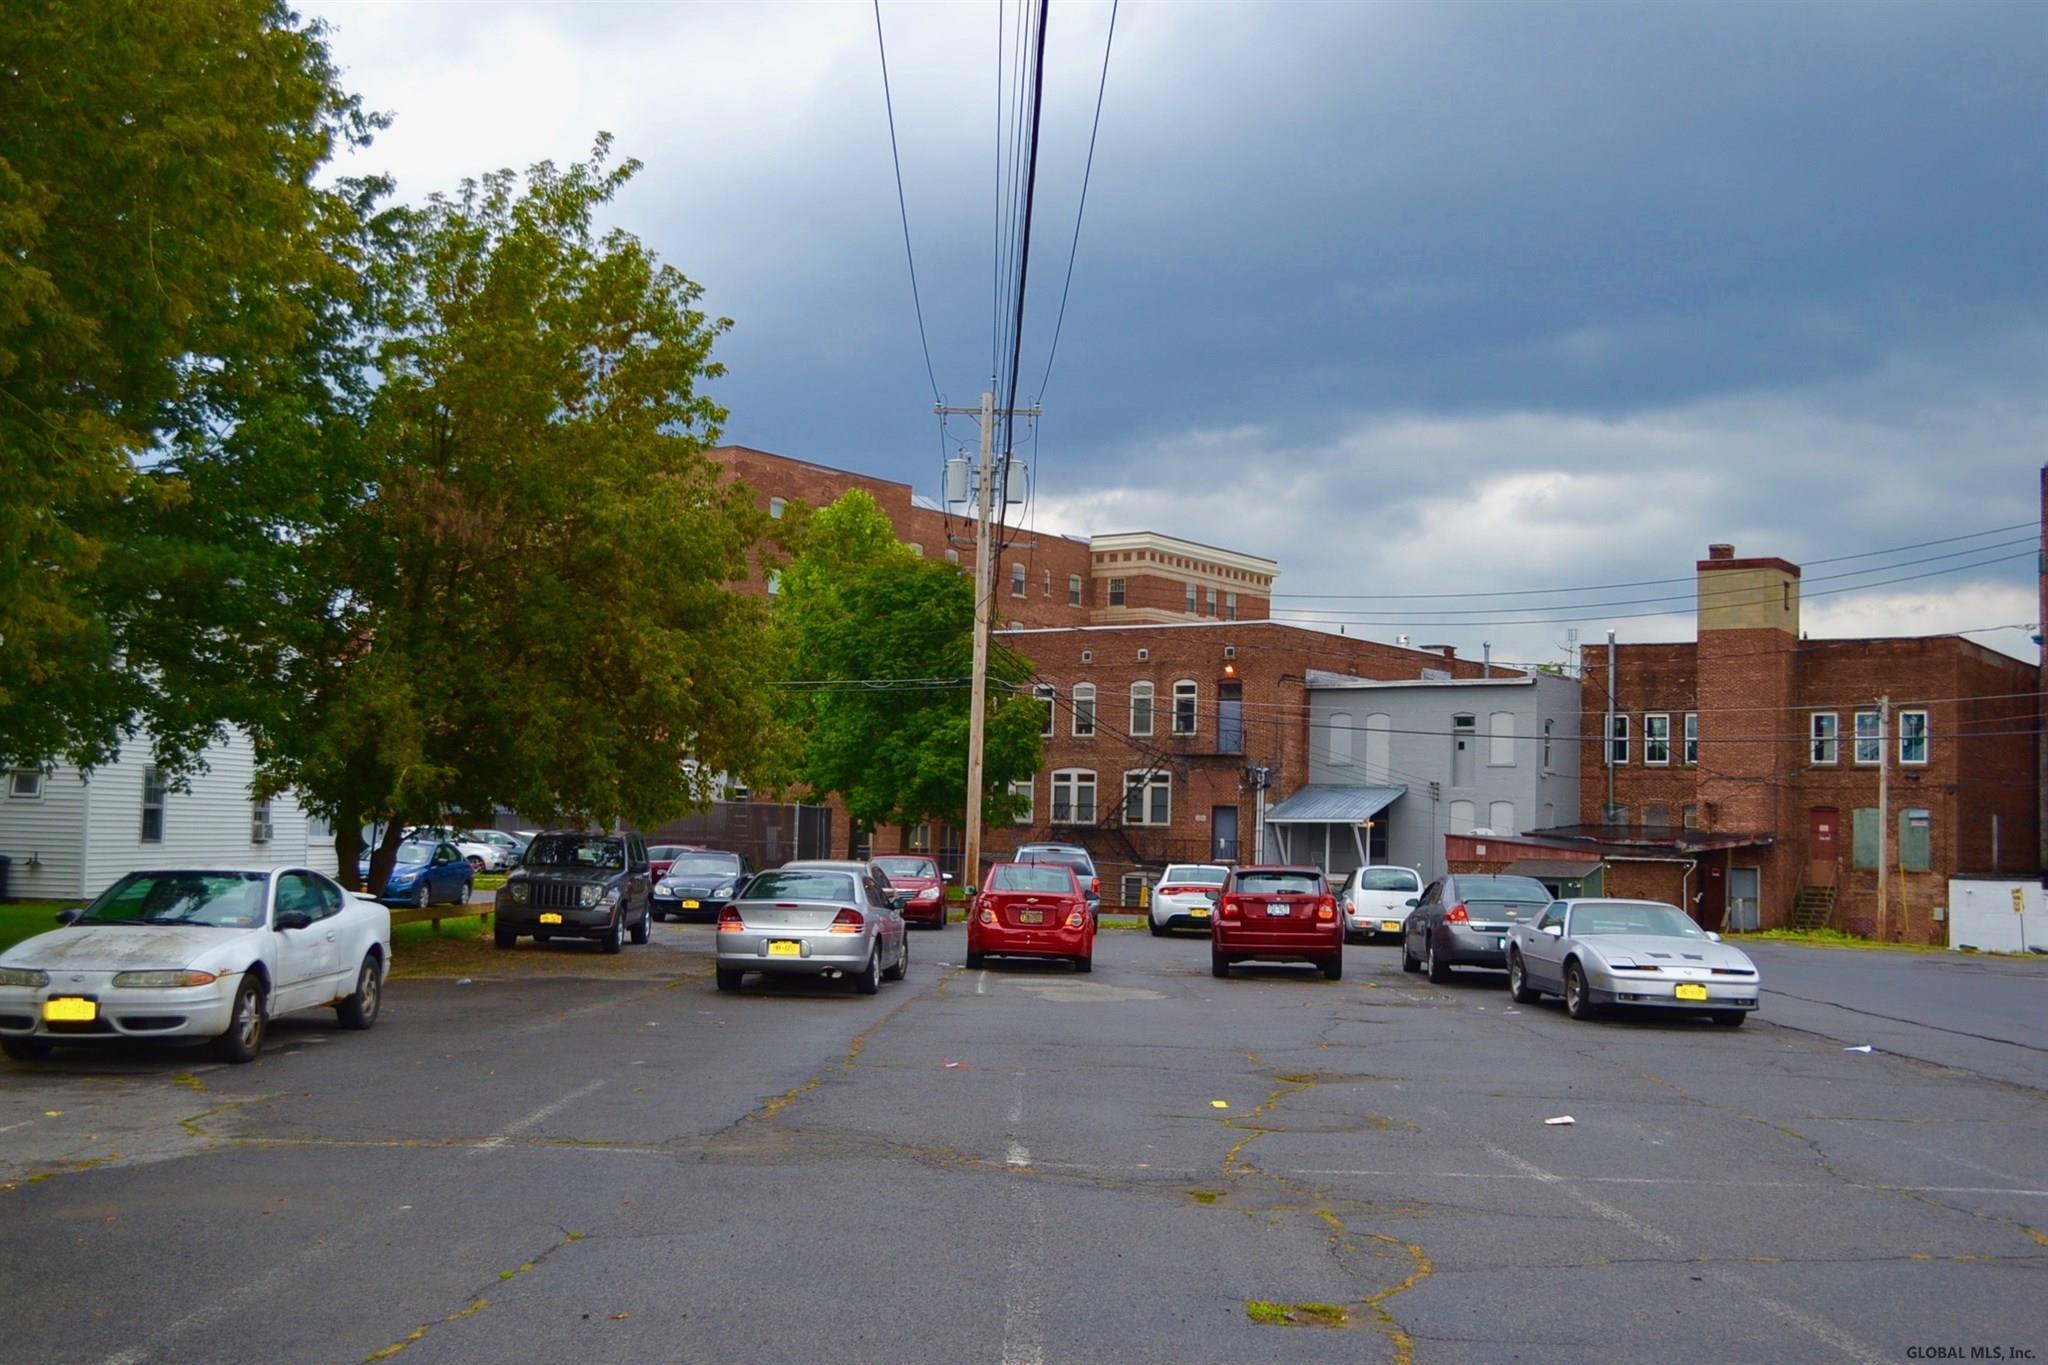 Gloversville image 35